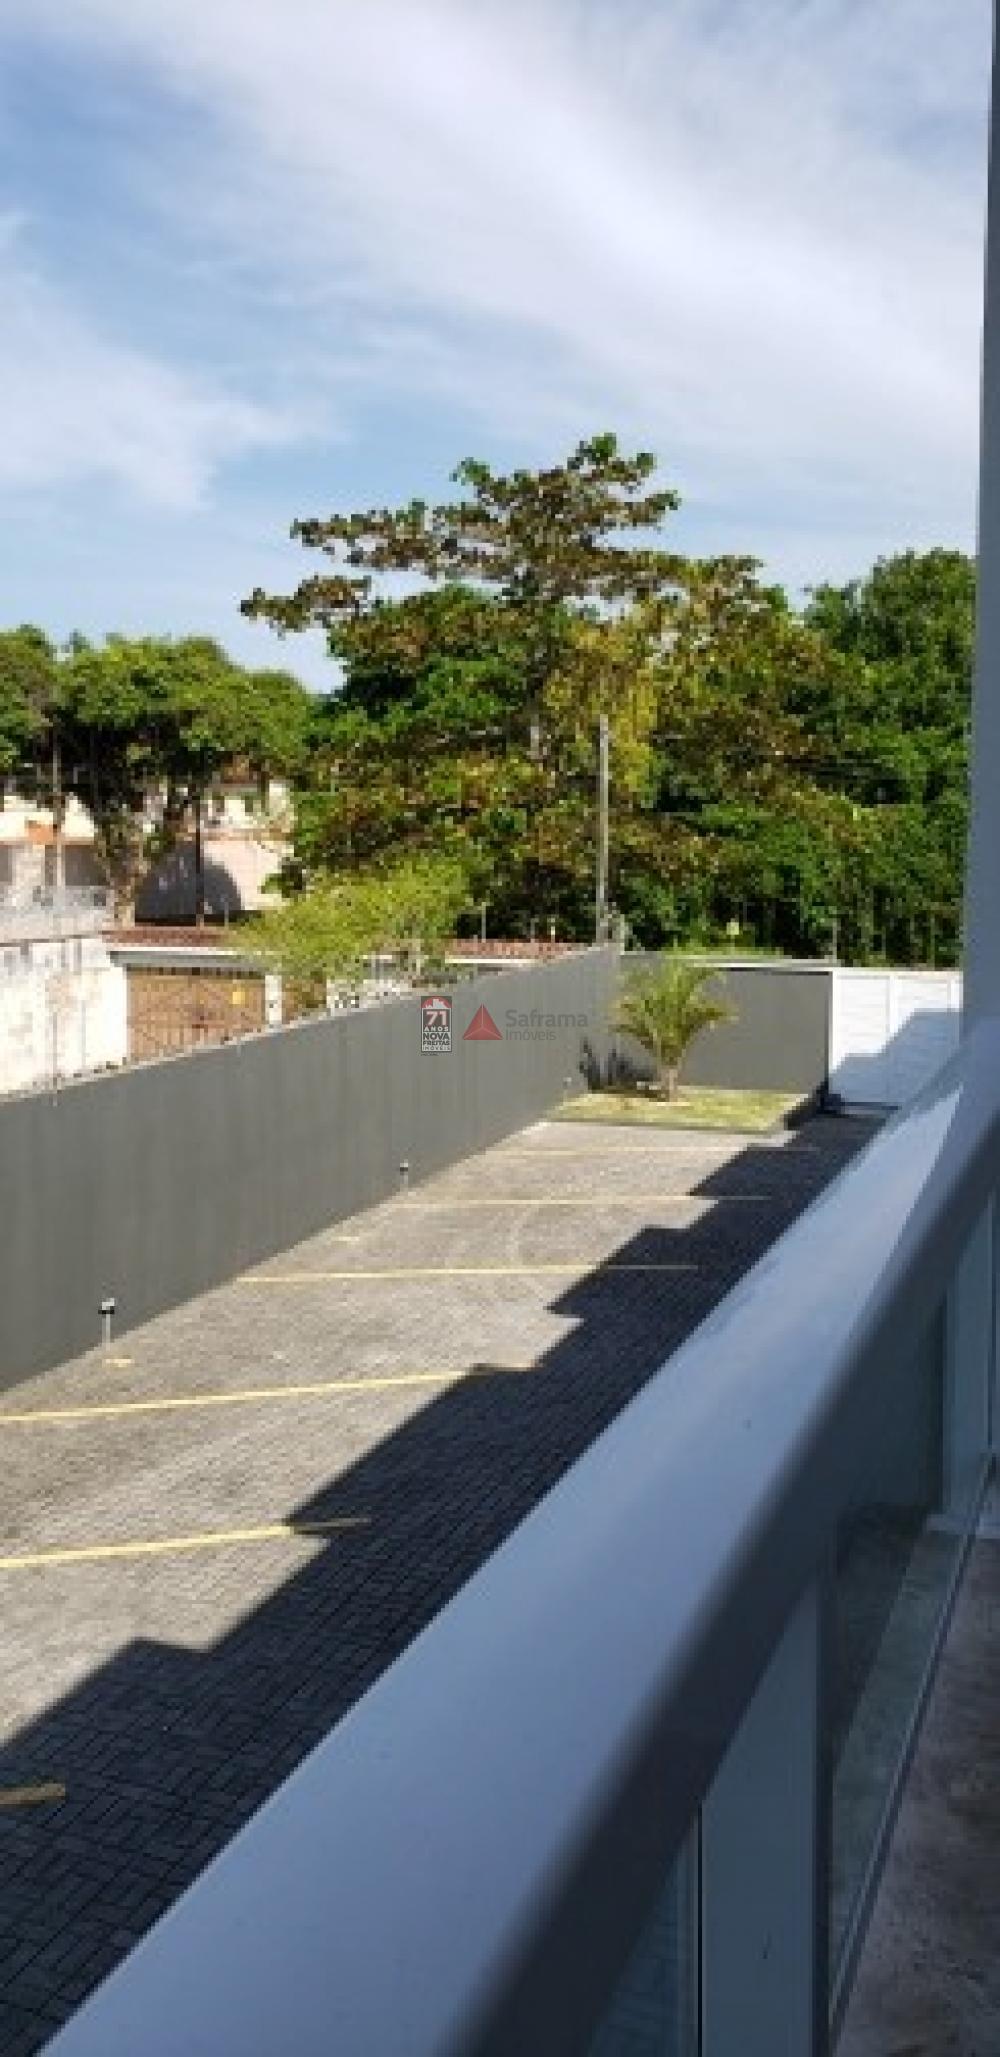 Comprar Casa / (Sobrado em condomínio) em Caraguatatuba apenas R$ 270.000,00 - Foto 13